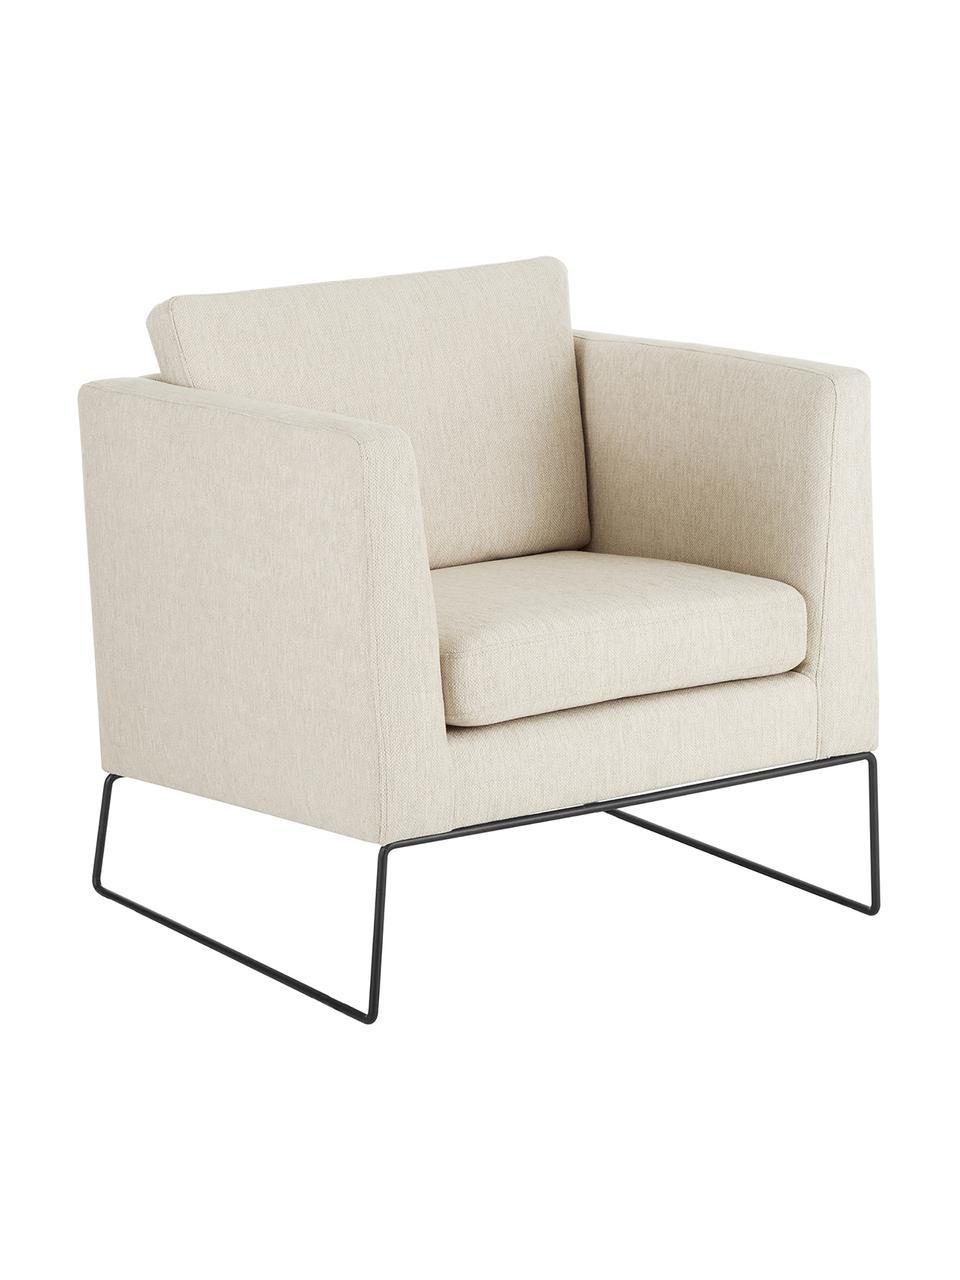 Fotel z metalowymi nogami Milo, Tapicerka: wysokiej jakości osłona z, Nogi: metal lakierowany, Beżowy, S 77 x G 75 cm